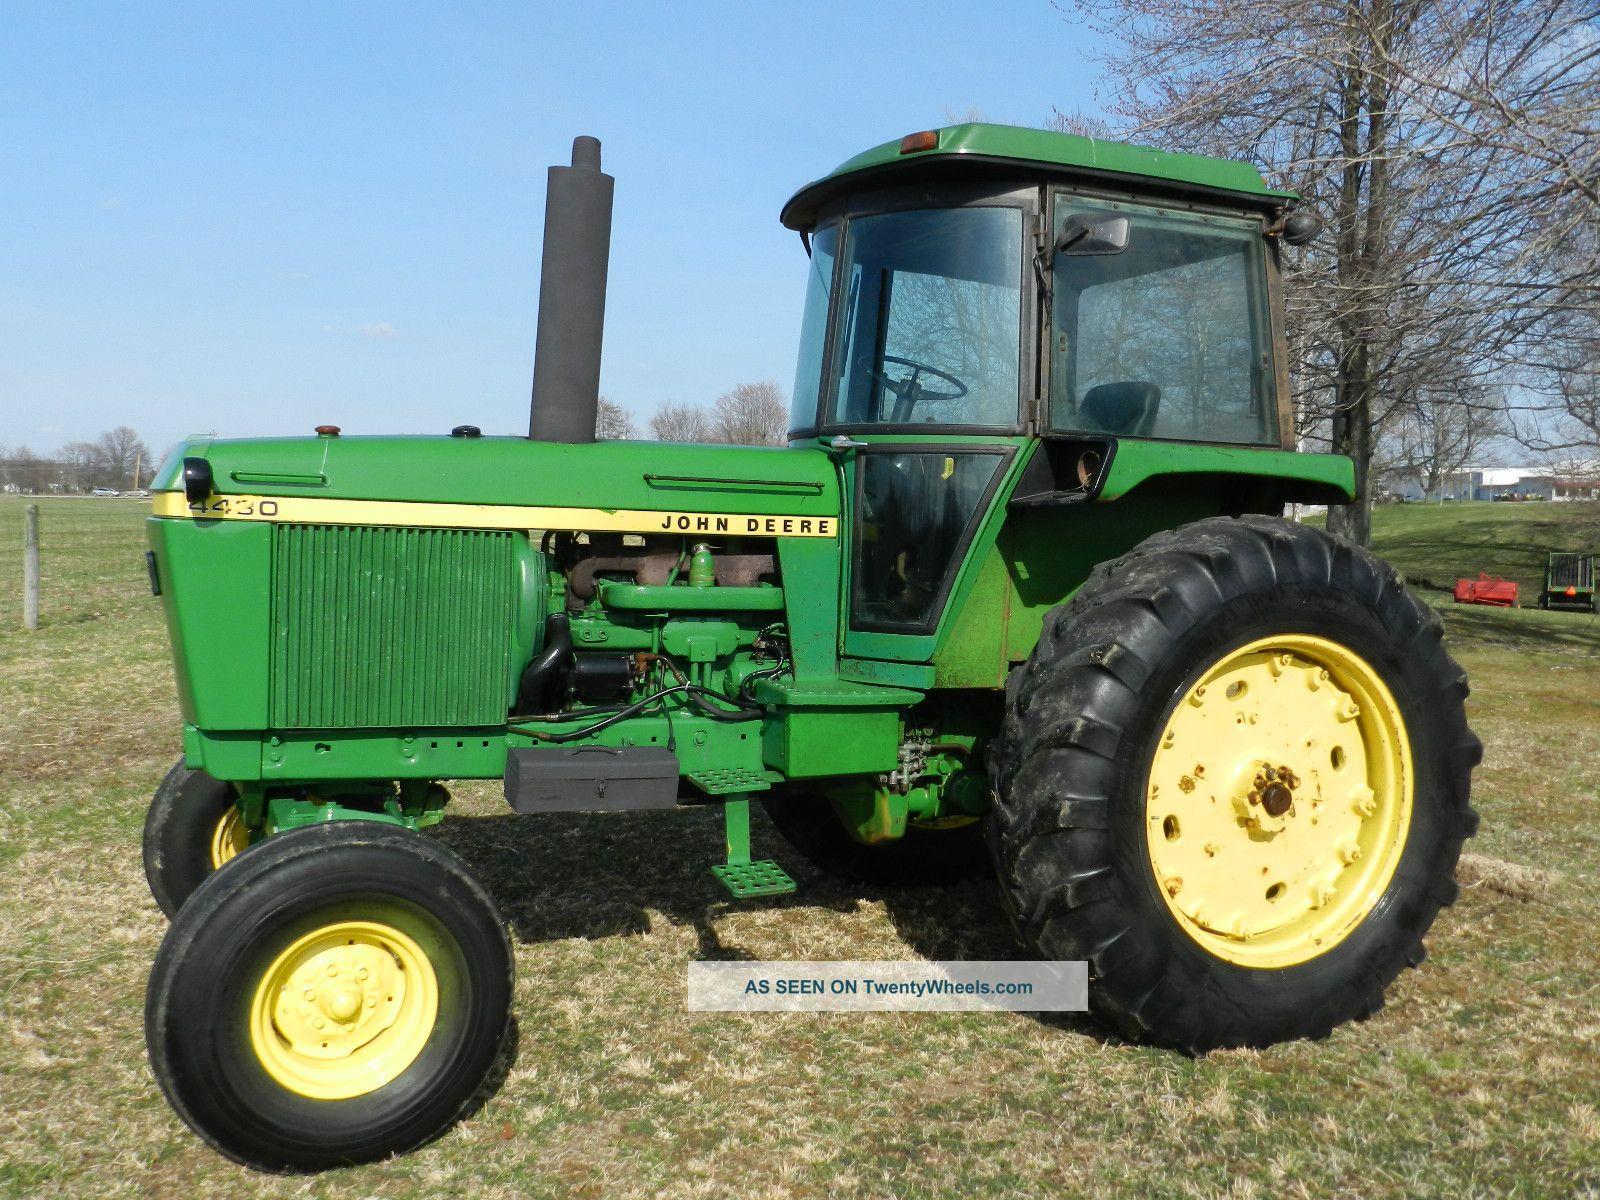 John Deere 4430 Tractor & Cab - Diesel Tractors photo 1